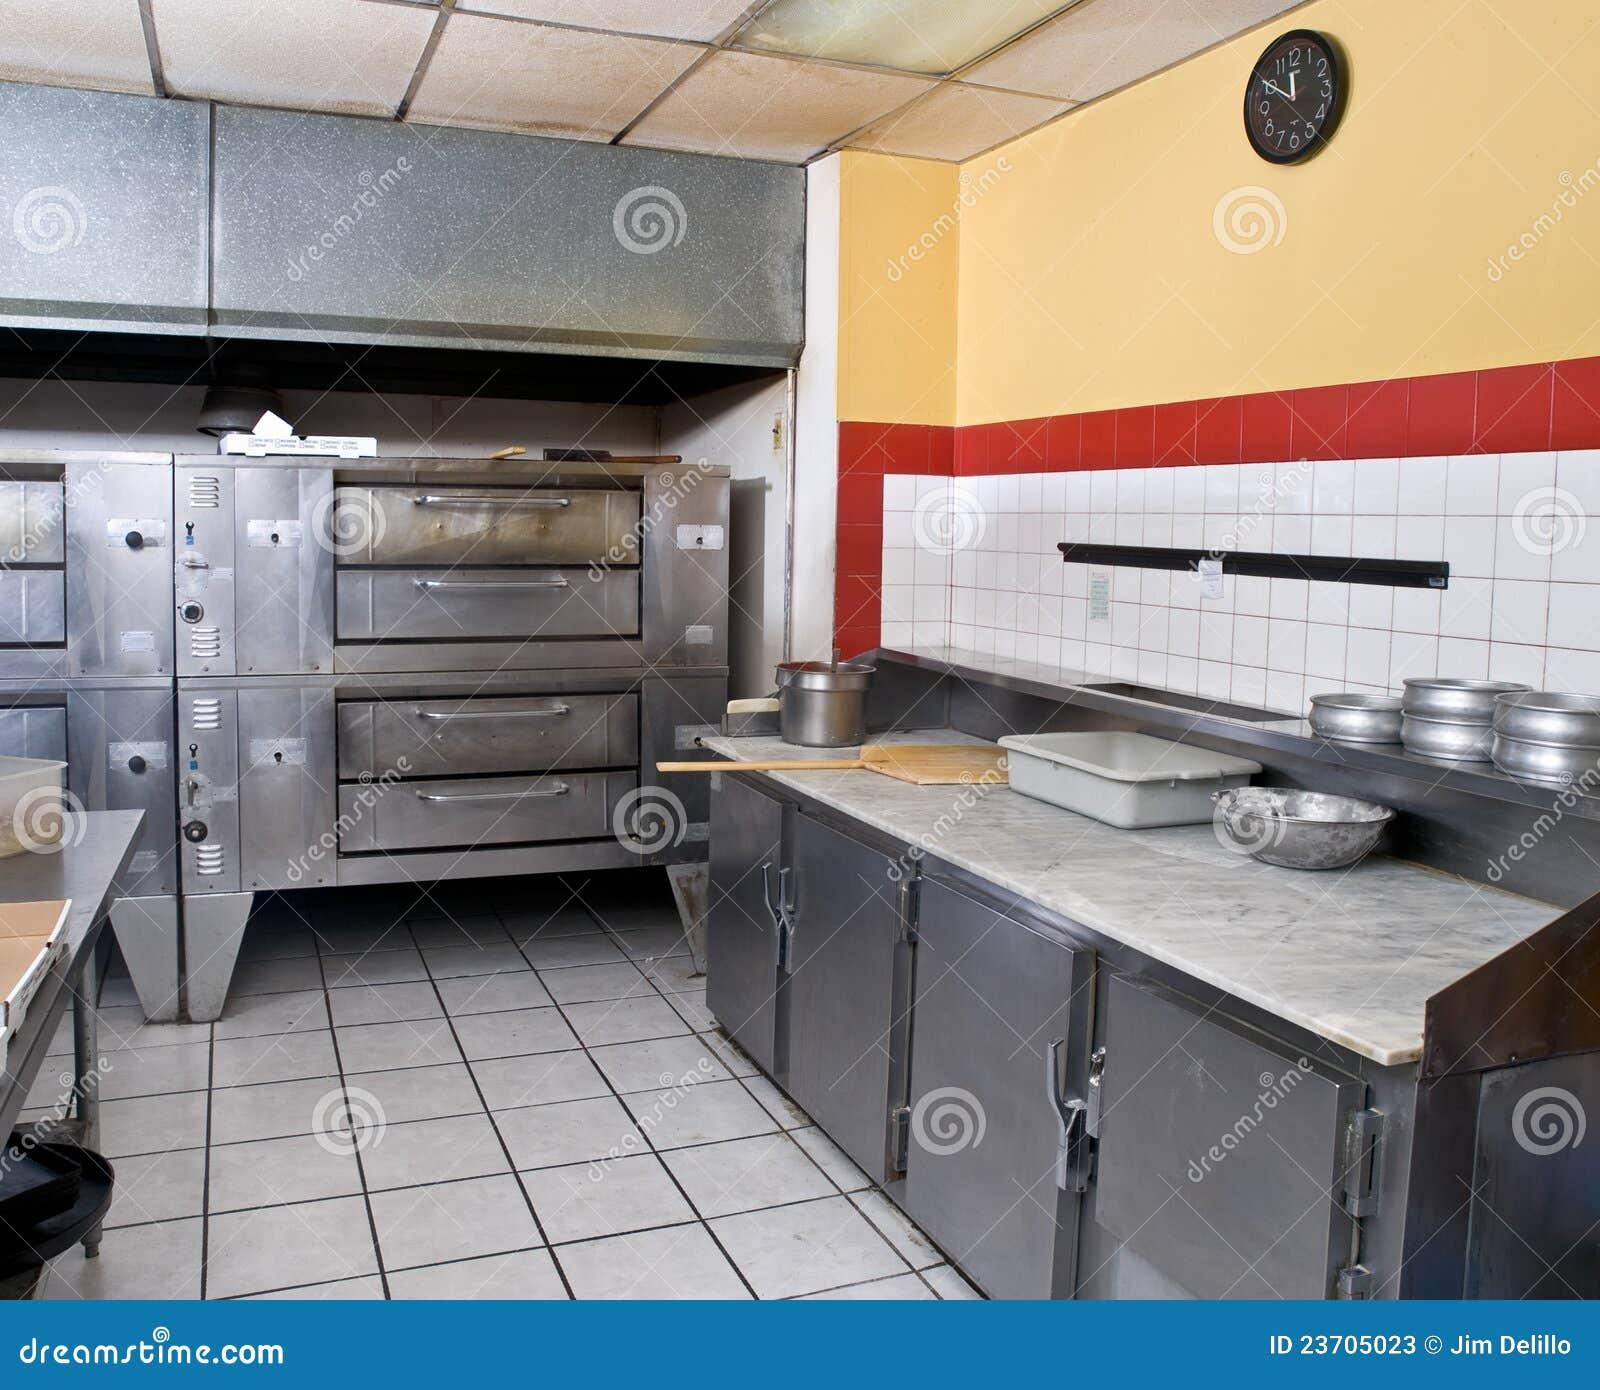 Ausgezeichnet Die Pizza Küche Galerie - Küche Set Ideen ...